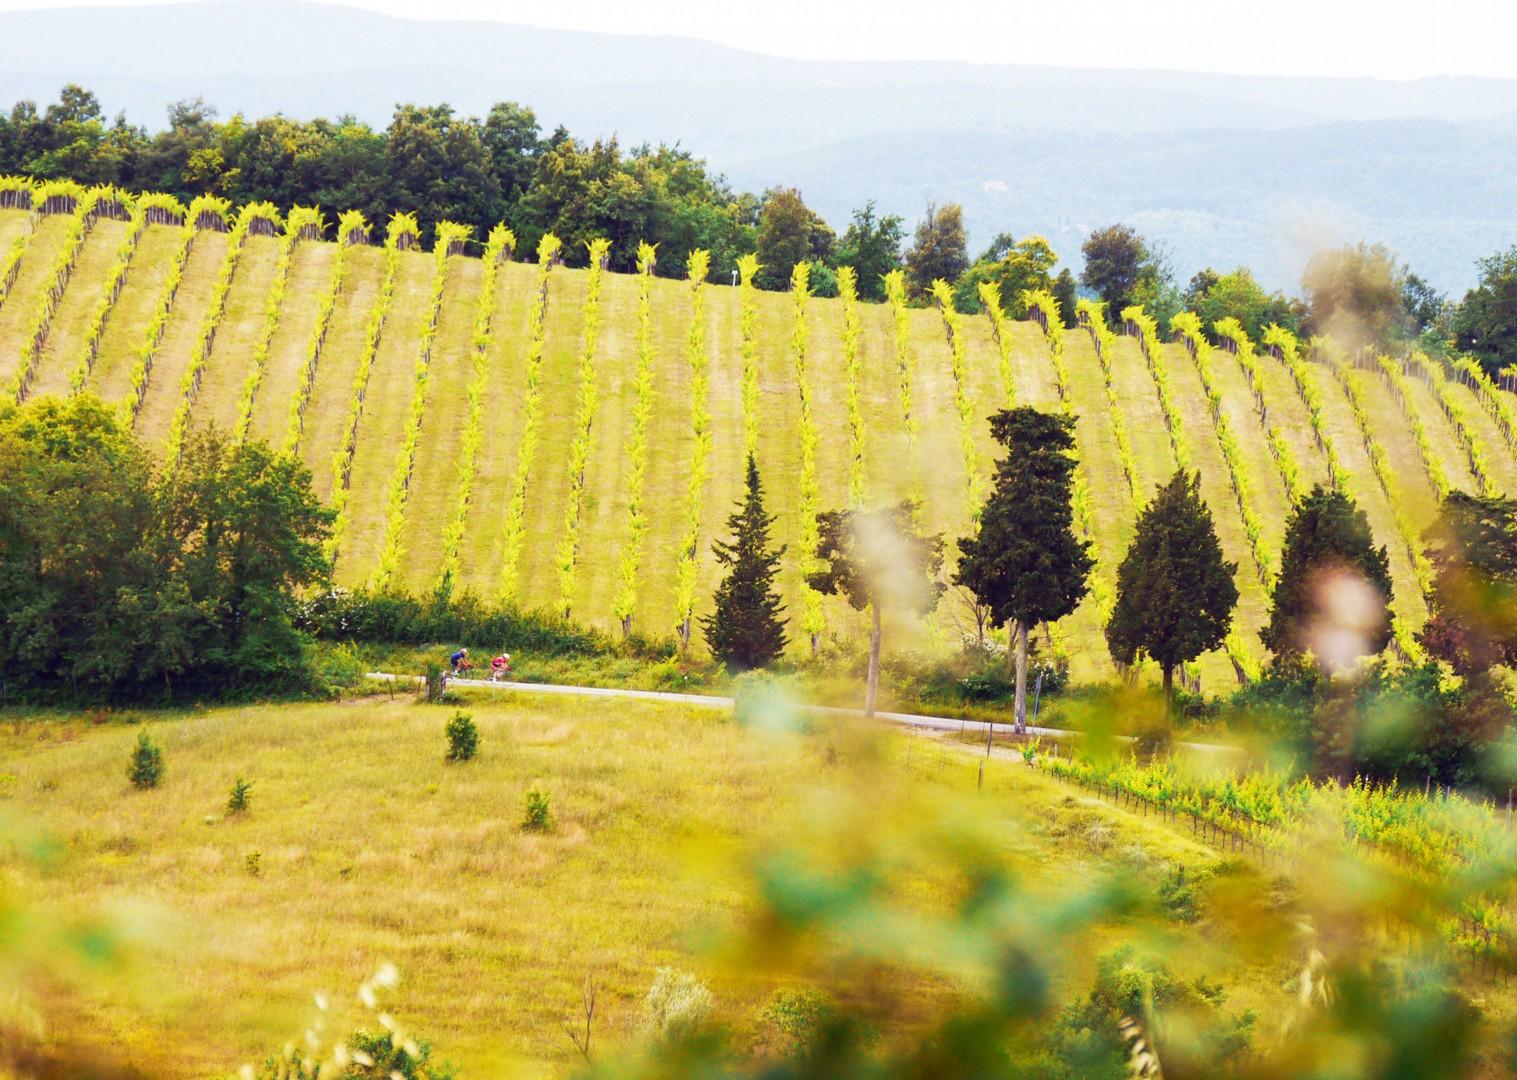 cycling-vineyards-tuscany-italy-holiday.jpg - Italy - Tuscany Tourer - Guided Road Cycling Holiday - Italia Road Cycling